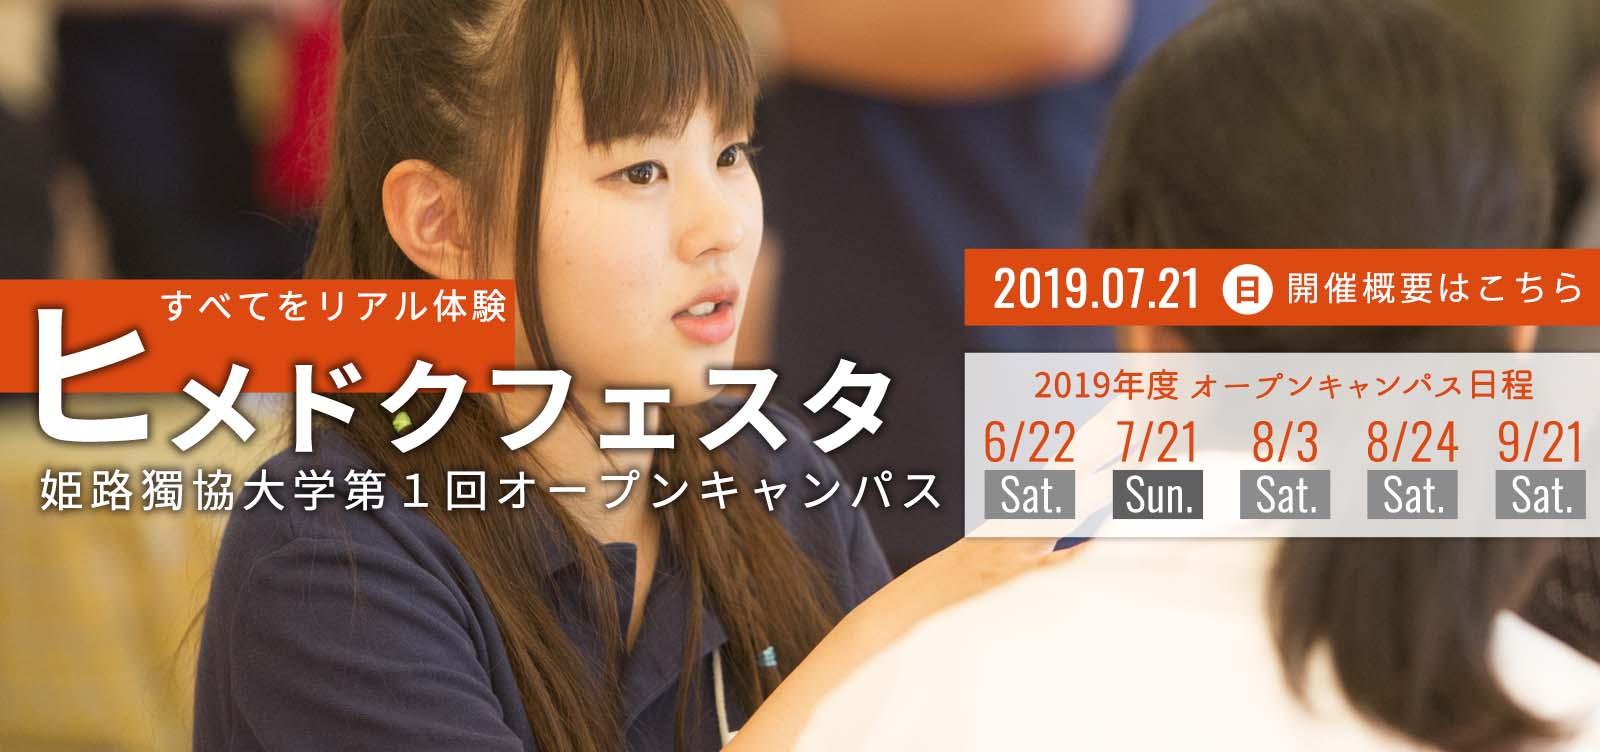 2019年度 姫路獨協大学オープンキャンパス